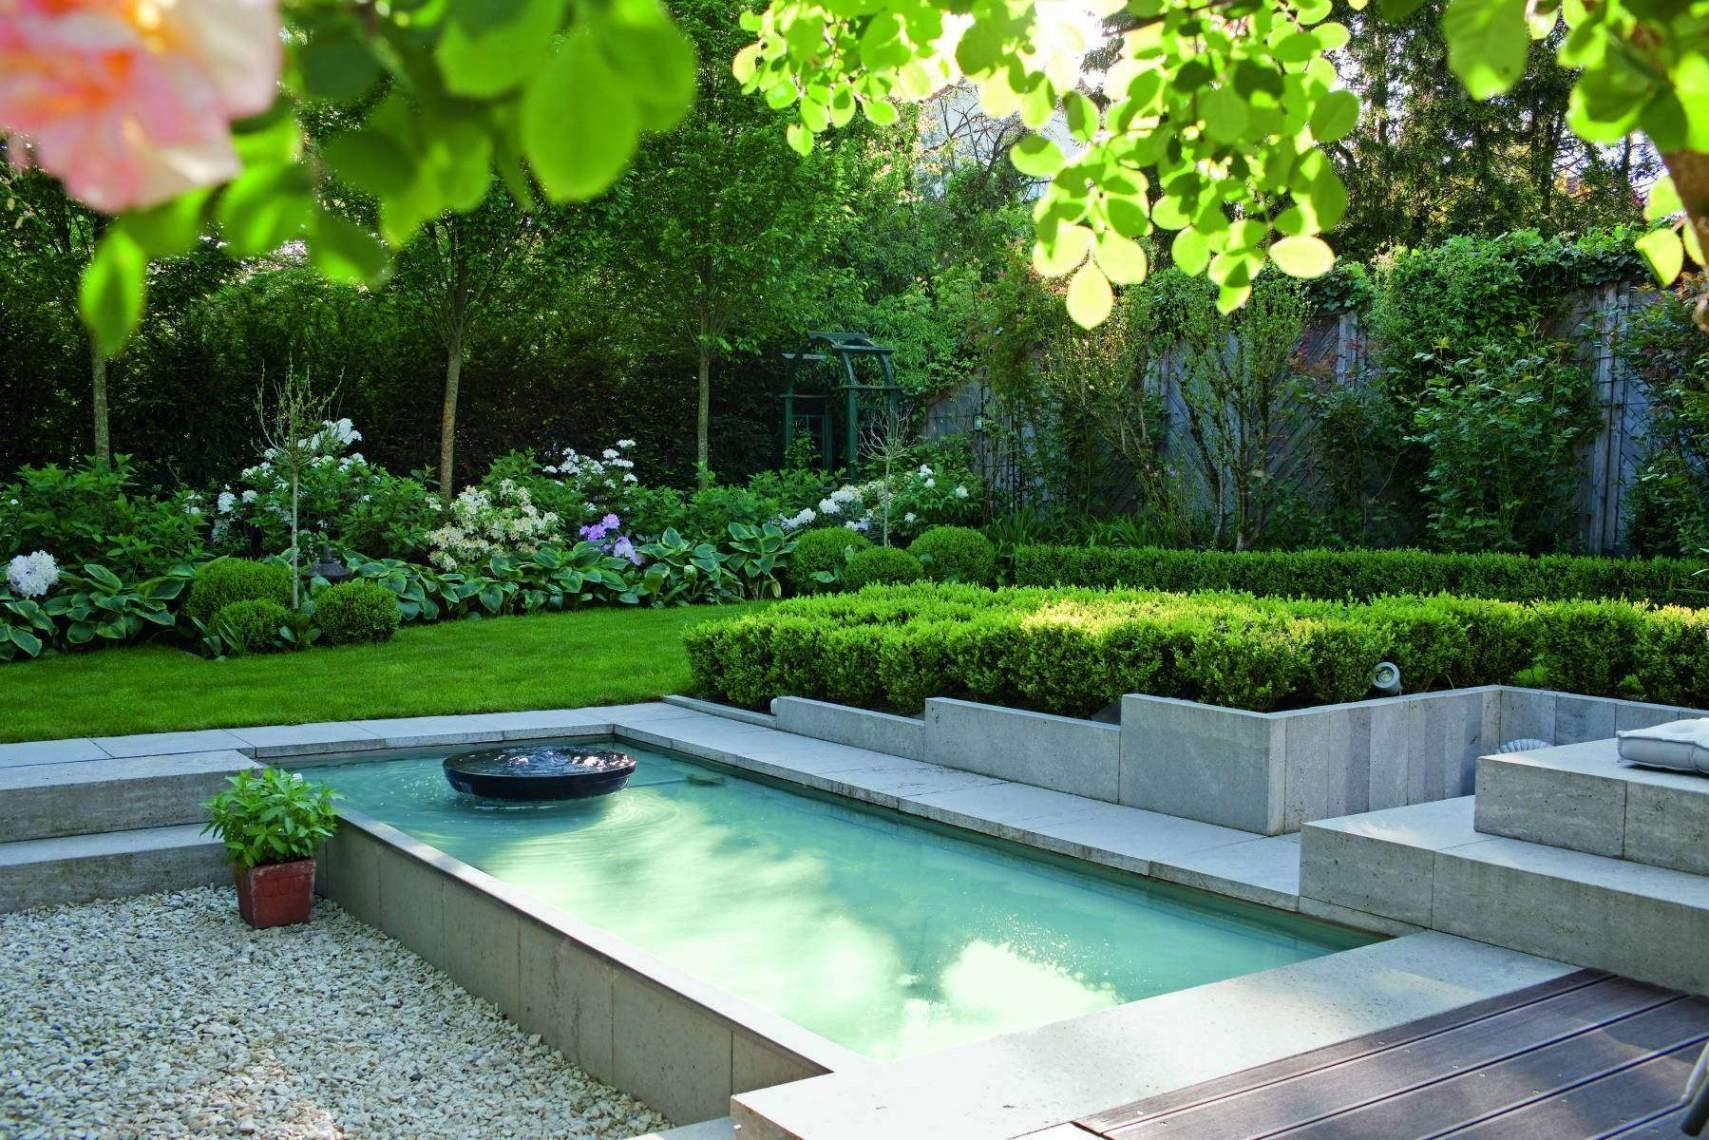 Schwimmingpool Für Garten Schön 38 Das Beste Von Schwimmingpool Für Garten Schön